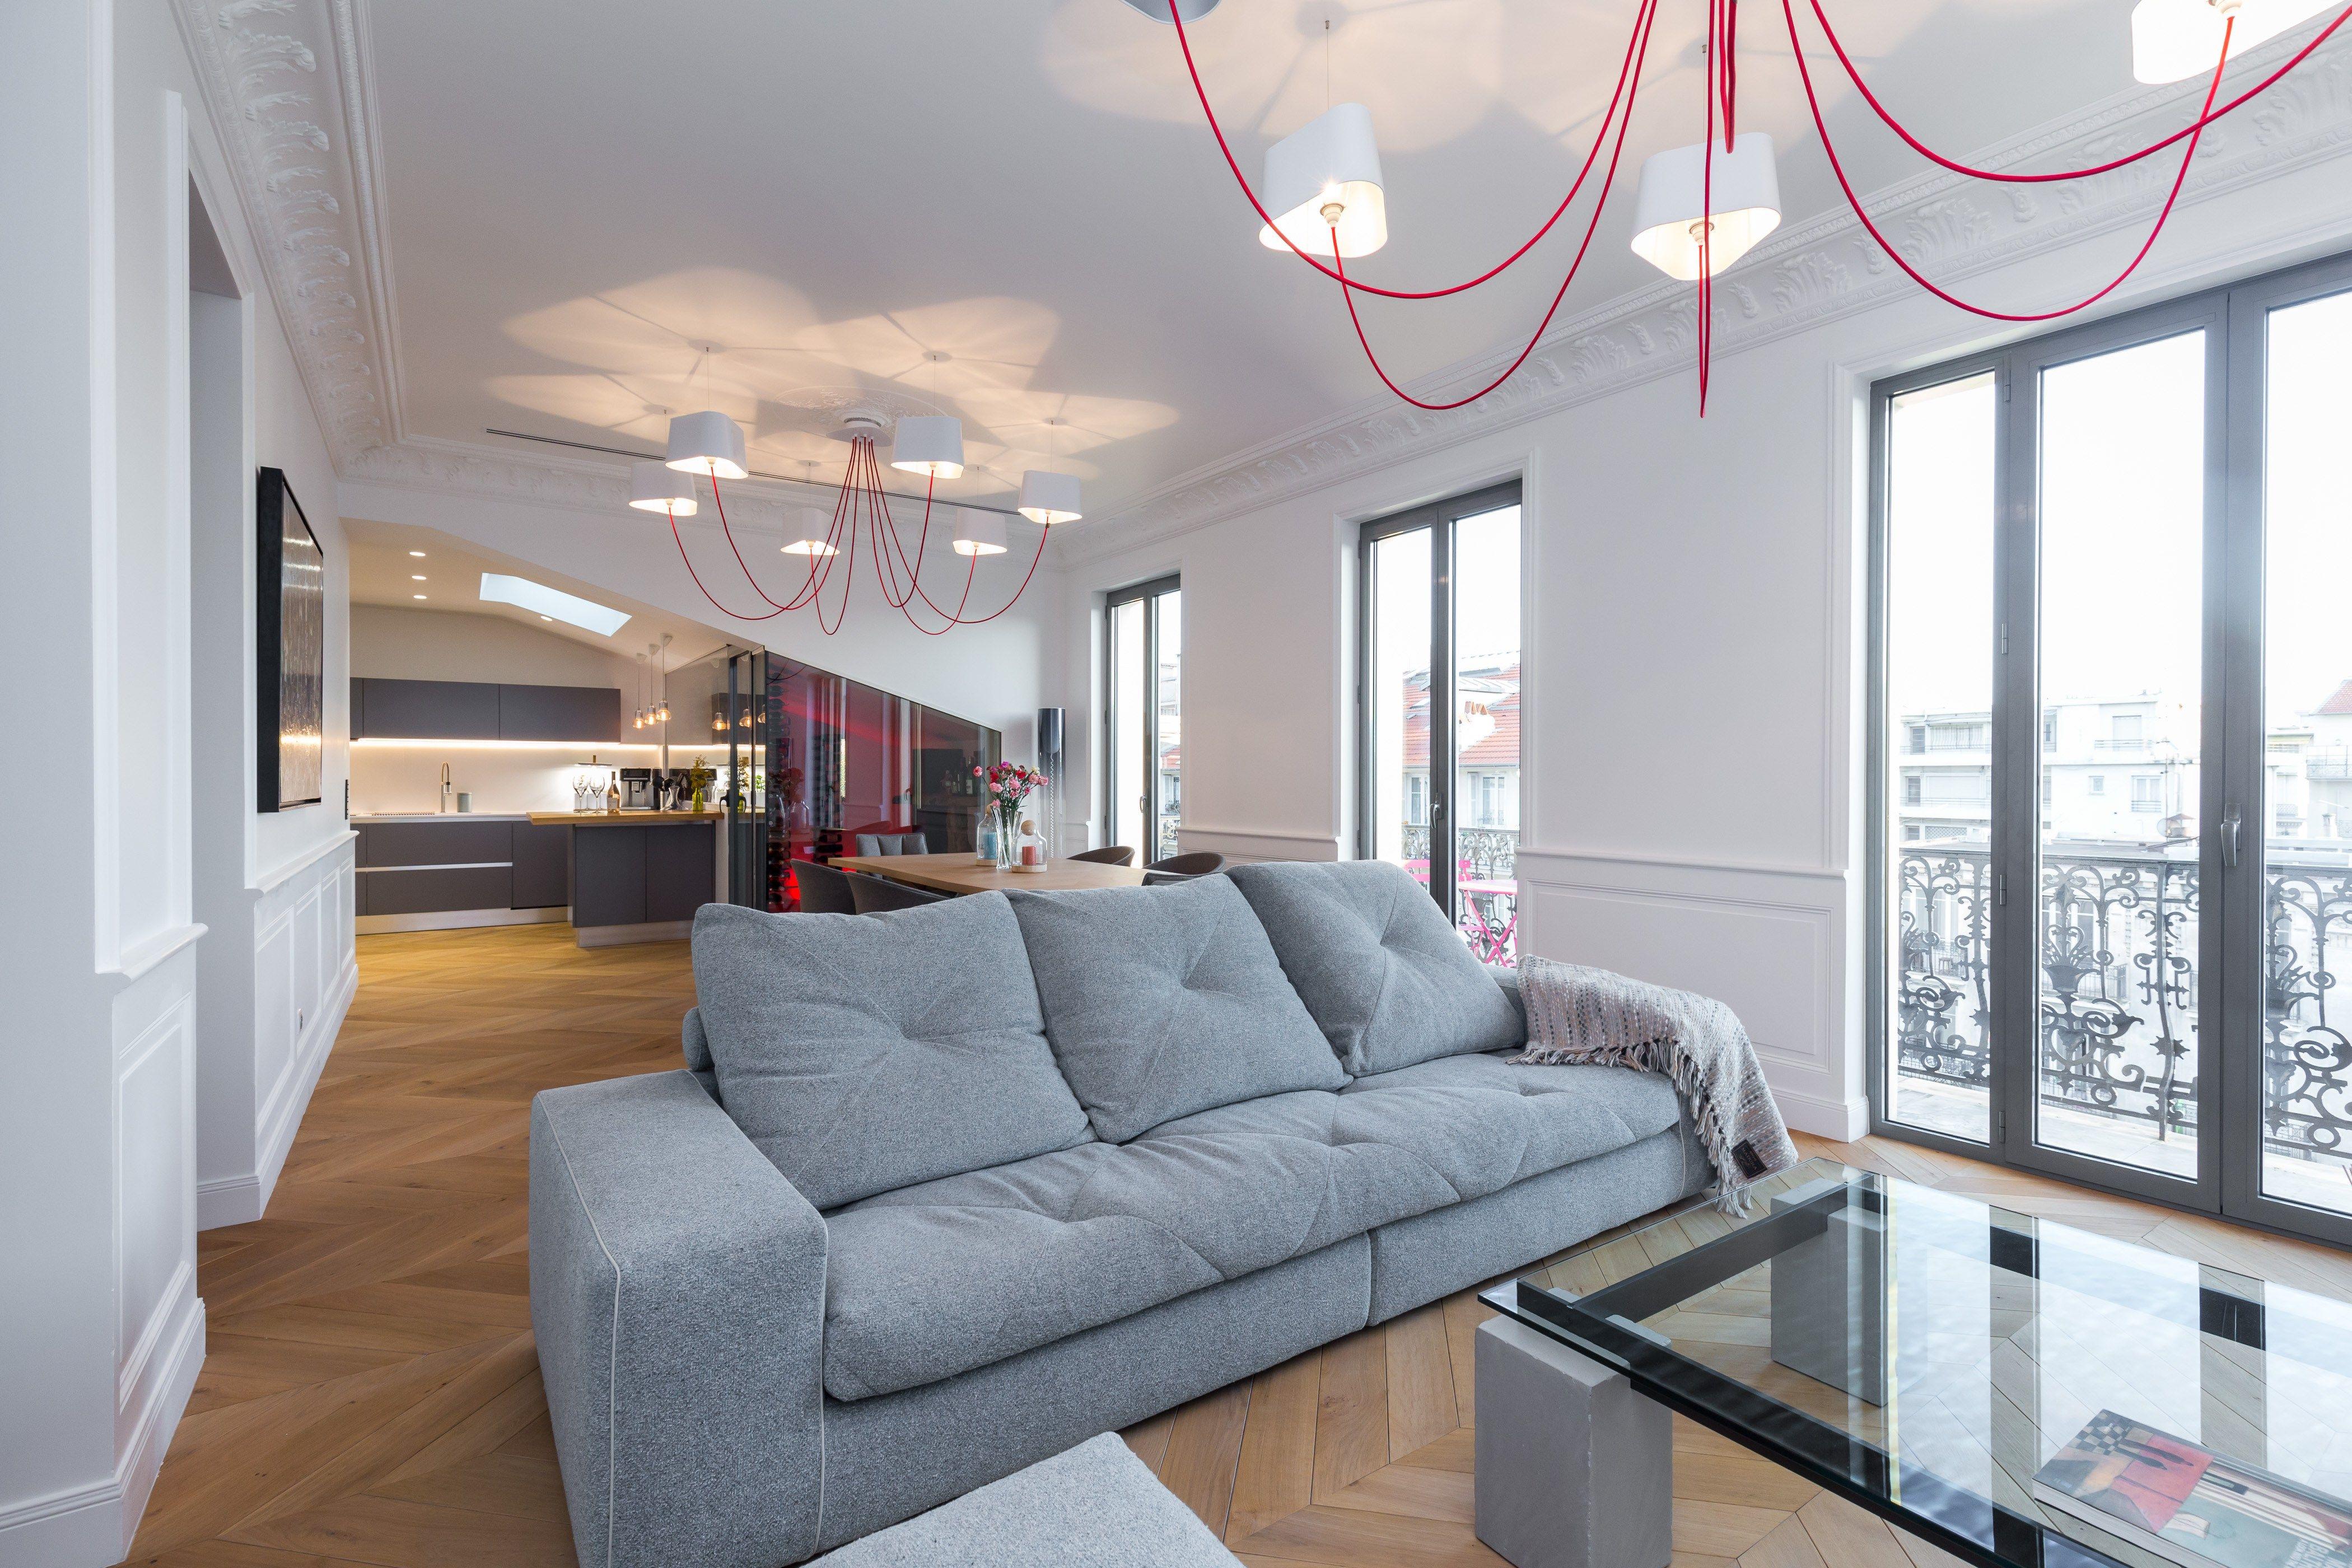 Salon Avec Canap Table Basse Et Meuble T L Roche Bobois Toute  # Table Basse Et Table De Television